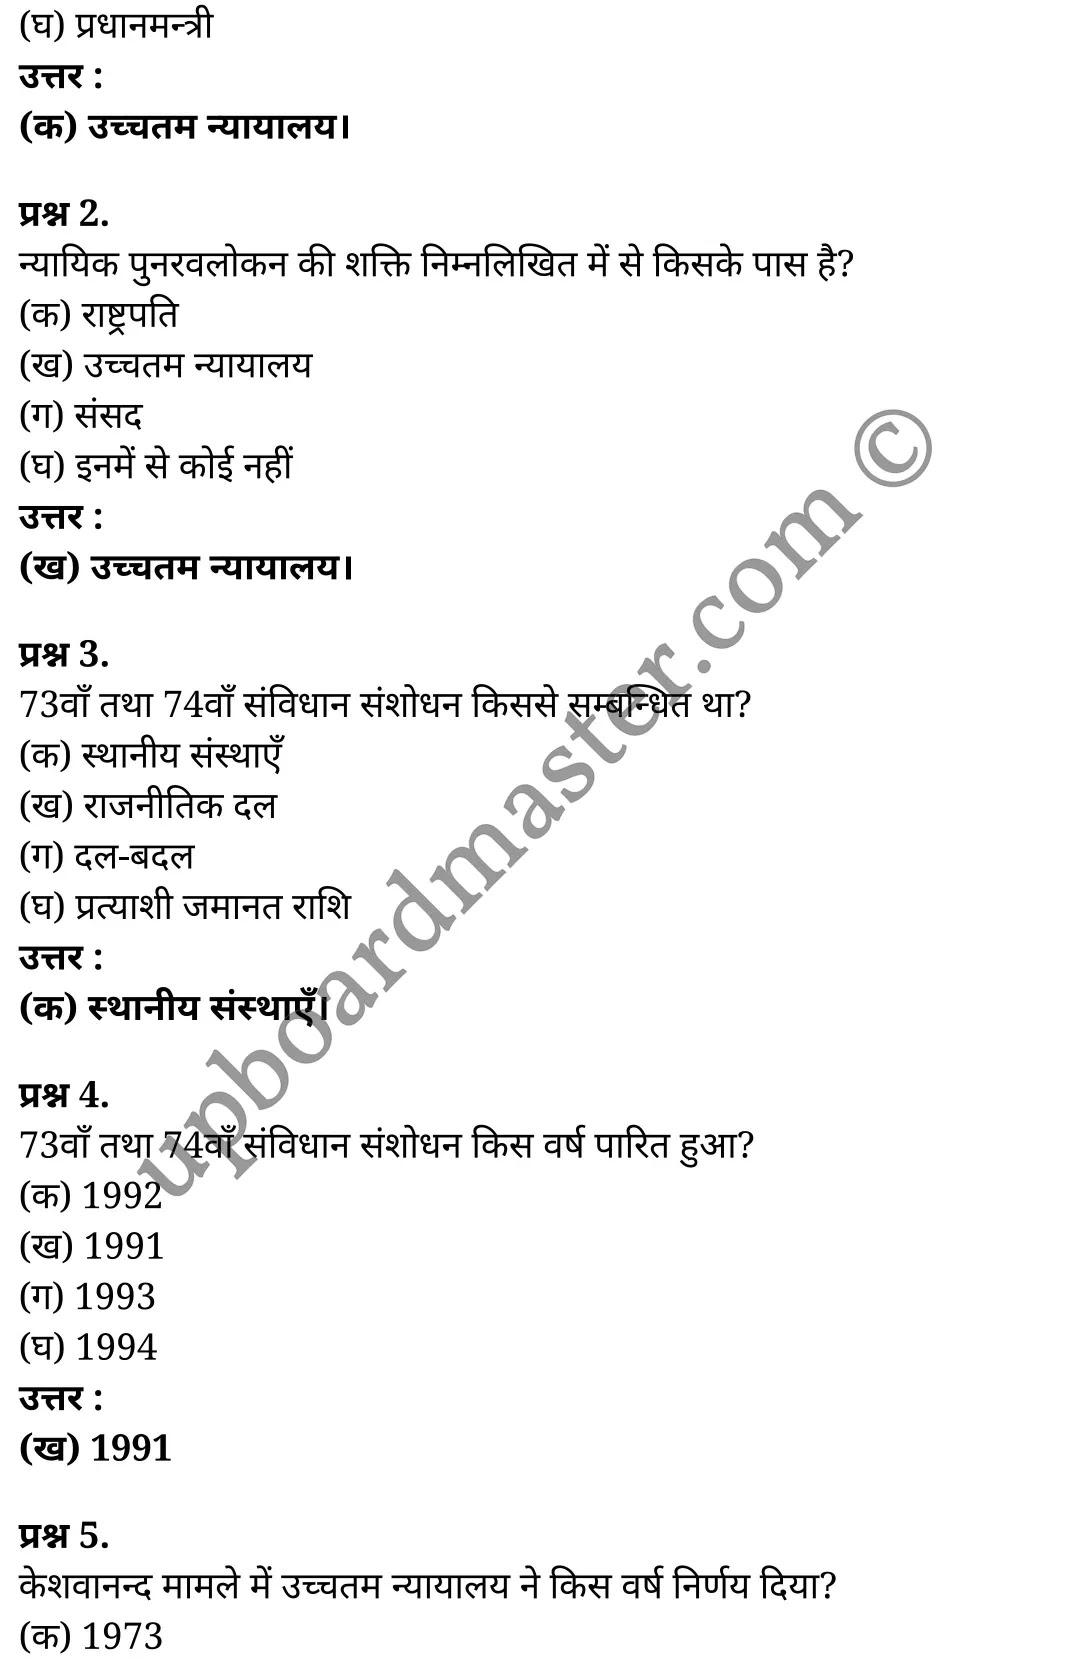 कक्षा 11 नागरिकशास्त्र  राजनीति विज्ञान अध्याय 9  के नोट्स  हिंदी में एनसीईआरटी समाधान,   class 11 civics chapter 9,  class 11 civics chapter 9 ncert solutions in civics,  class 11 civics chapter 9 notes in hindi,  class 11 civics chapter 9 question answer,  class 11 civics chapter 9 notes,  class 11 civics chapter 9 class 11 civics  chapter 9 in  hindi,   class 11 civics chapter 9 important questions in  hindi,  class 11 civics hindi  chapter 9 notes in hindi,   class 11 civics  chapter 9 test,  class 11 civics  chapter 9 class 11 civics  chapter 9 pdf,  class 11 civics  chapter 9 notes pdf,  class 11 civics  chapter 9 exercise solutions,  class 11 civics  chapter 9, class 11 civics  chapter 9 notes study rankers,  class 11 civics  chapter 9 notes,  class 11 civics hindi  chapter 9 notes,   class 11 civics   chapter 9  class 11  notes pdf,  class 11 civics  chapter 9 class 11  notes  ncert,  class 11 civics  chapter 9 class 11 pdf,  class 11 civics  chapter 9  book,  class 11 civics  chapter 9 quiz class 11  ,     11  th class 11 civics chapter 9    book up board,   up board 11  th class 11 civics chapter 9 notes,  class 11 civics  Political Science chapter 9,  class 11 civics  Political Science chapter 9 ncert solutions in civics,  class 11 civics  Political Science chapter 9 notes in hindi,  class 11 civics  Political Science chapter 9 question answer,  class 11 civics  Political Science  chapter 9 notes,  class 11 civics  Political Science  chapter 9 class 11 civics  chapter 9 in  hindi,   class 11 civics  Political Science chapter 9 important questions in  hindi,  class 11 civics  Political Science  chapter 9 notes in hindi,   class 11 civics  Political Science  chapter 9 test,  class 11 civics  Political Science  chapter 9 class 11 civics  chapter 9 pdf,  class 11 civics  Political Science chapter 9 notes pdf,  class 11 civics  Political Science  chapter 9 exercise solutions,  class 11 civics  Political Science  chapter 9, class 11 civics  Political Science  c